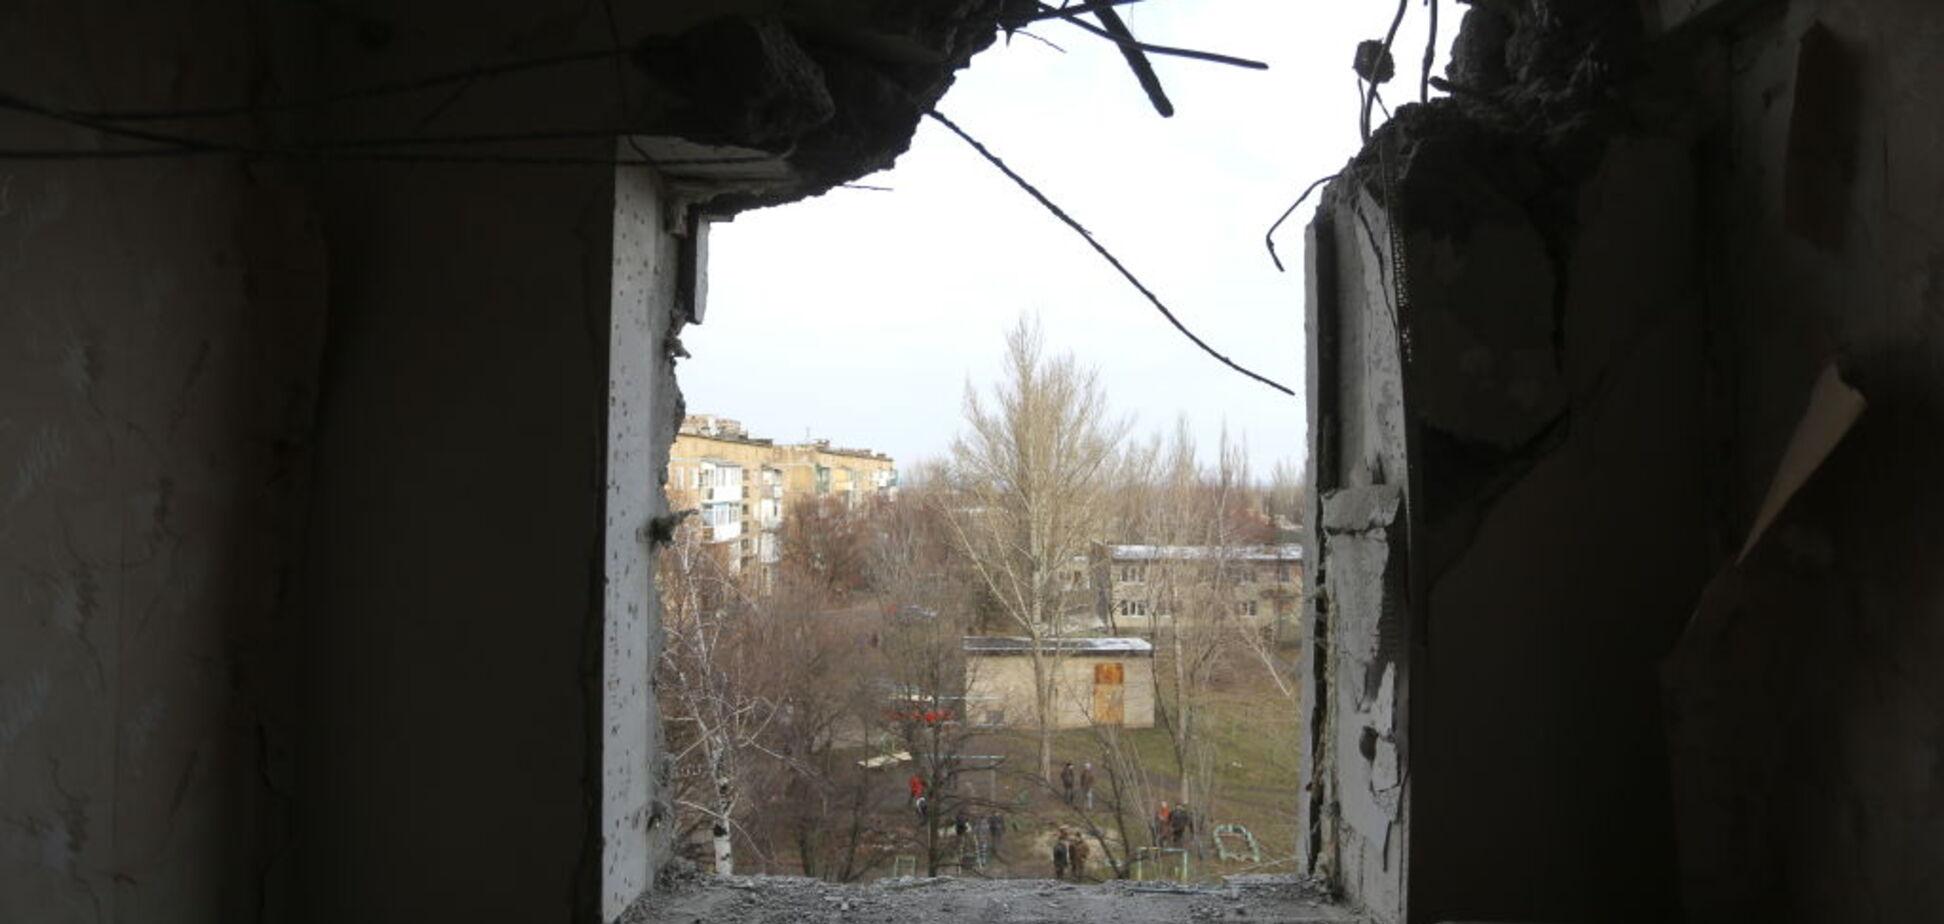 Террористы обострили ситуацию: ВСУ понесли потери на Донбассе